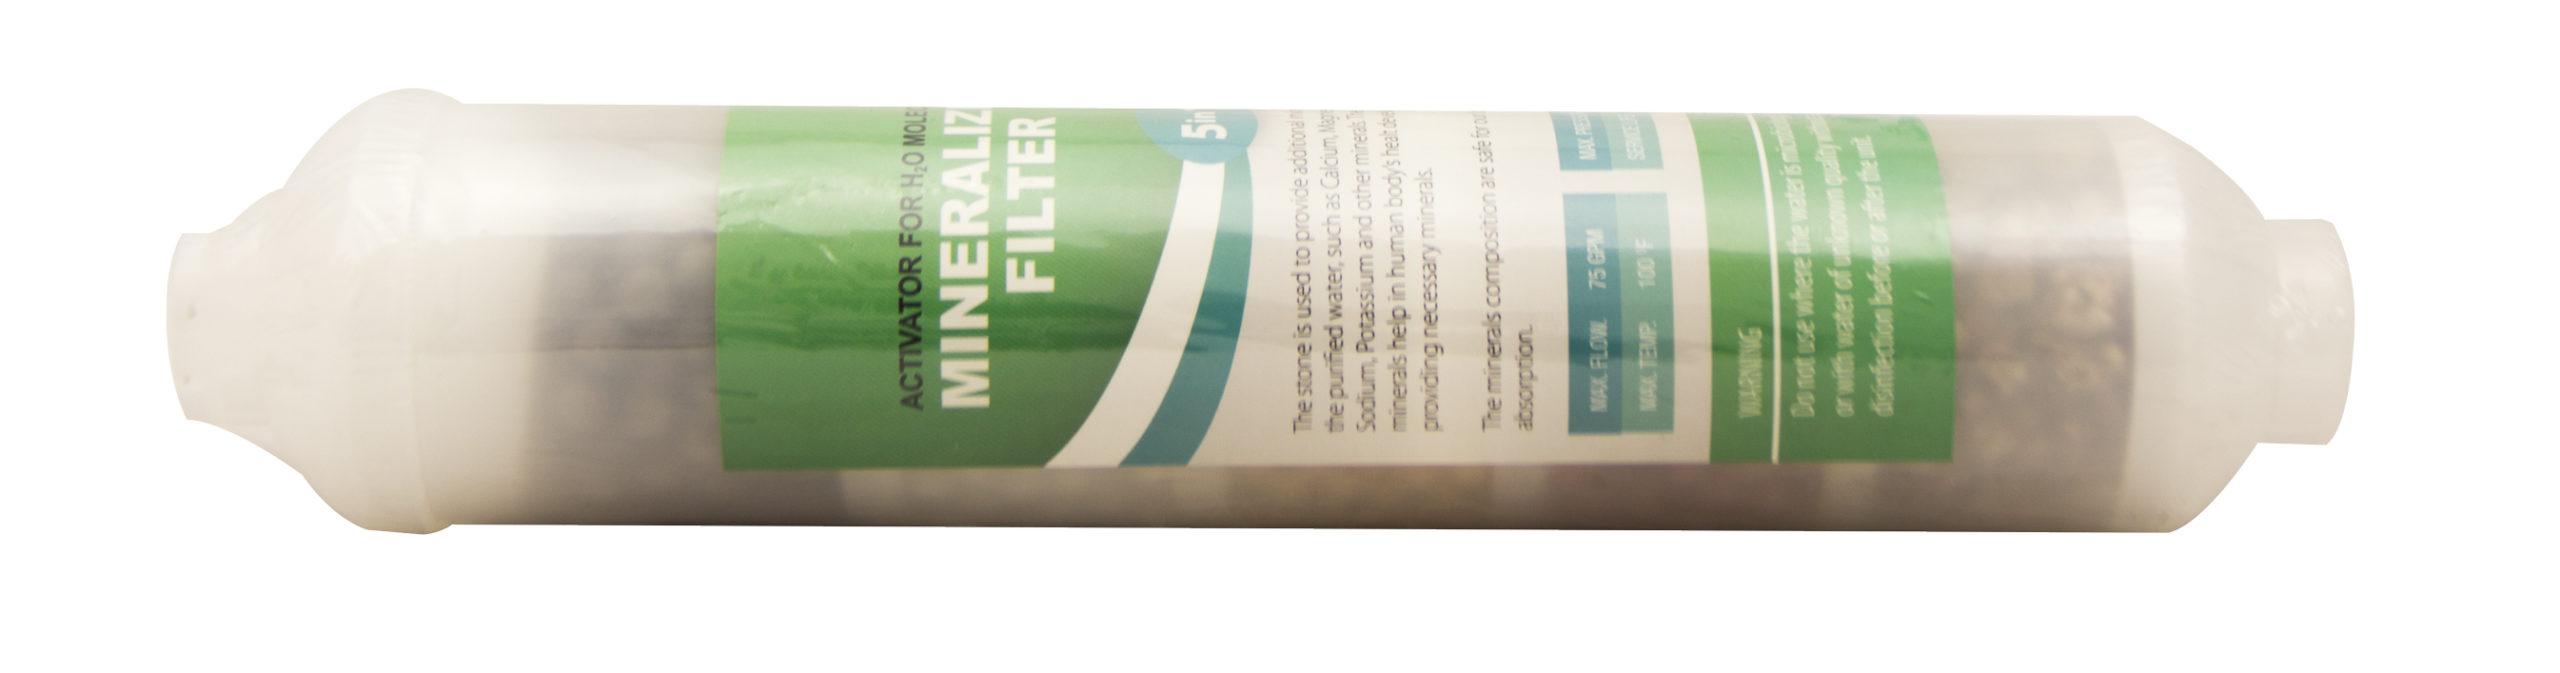 Mineralisierungsfilter